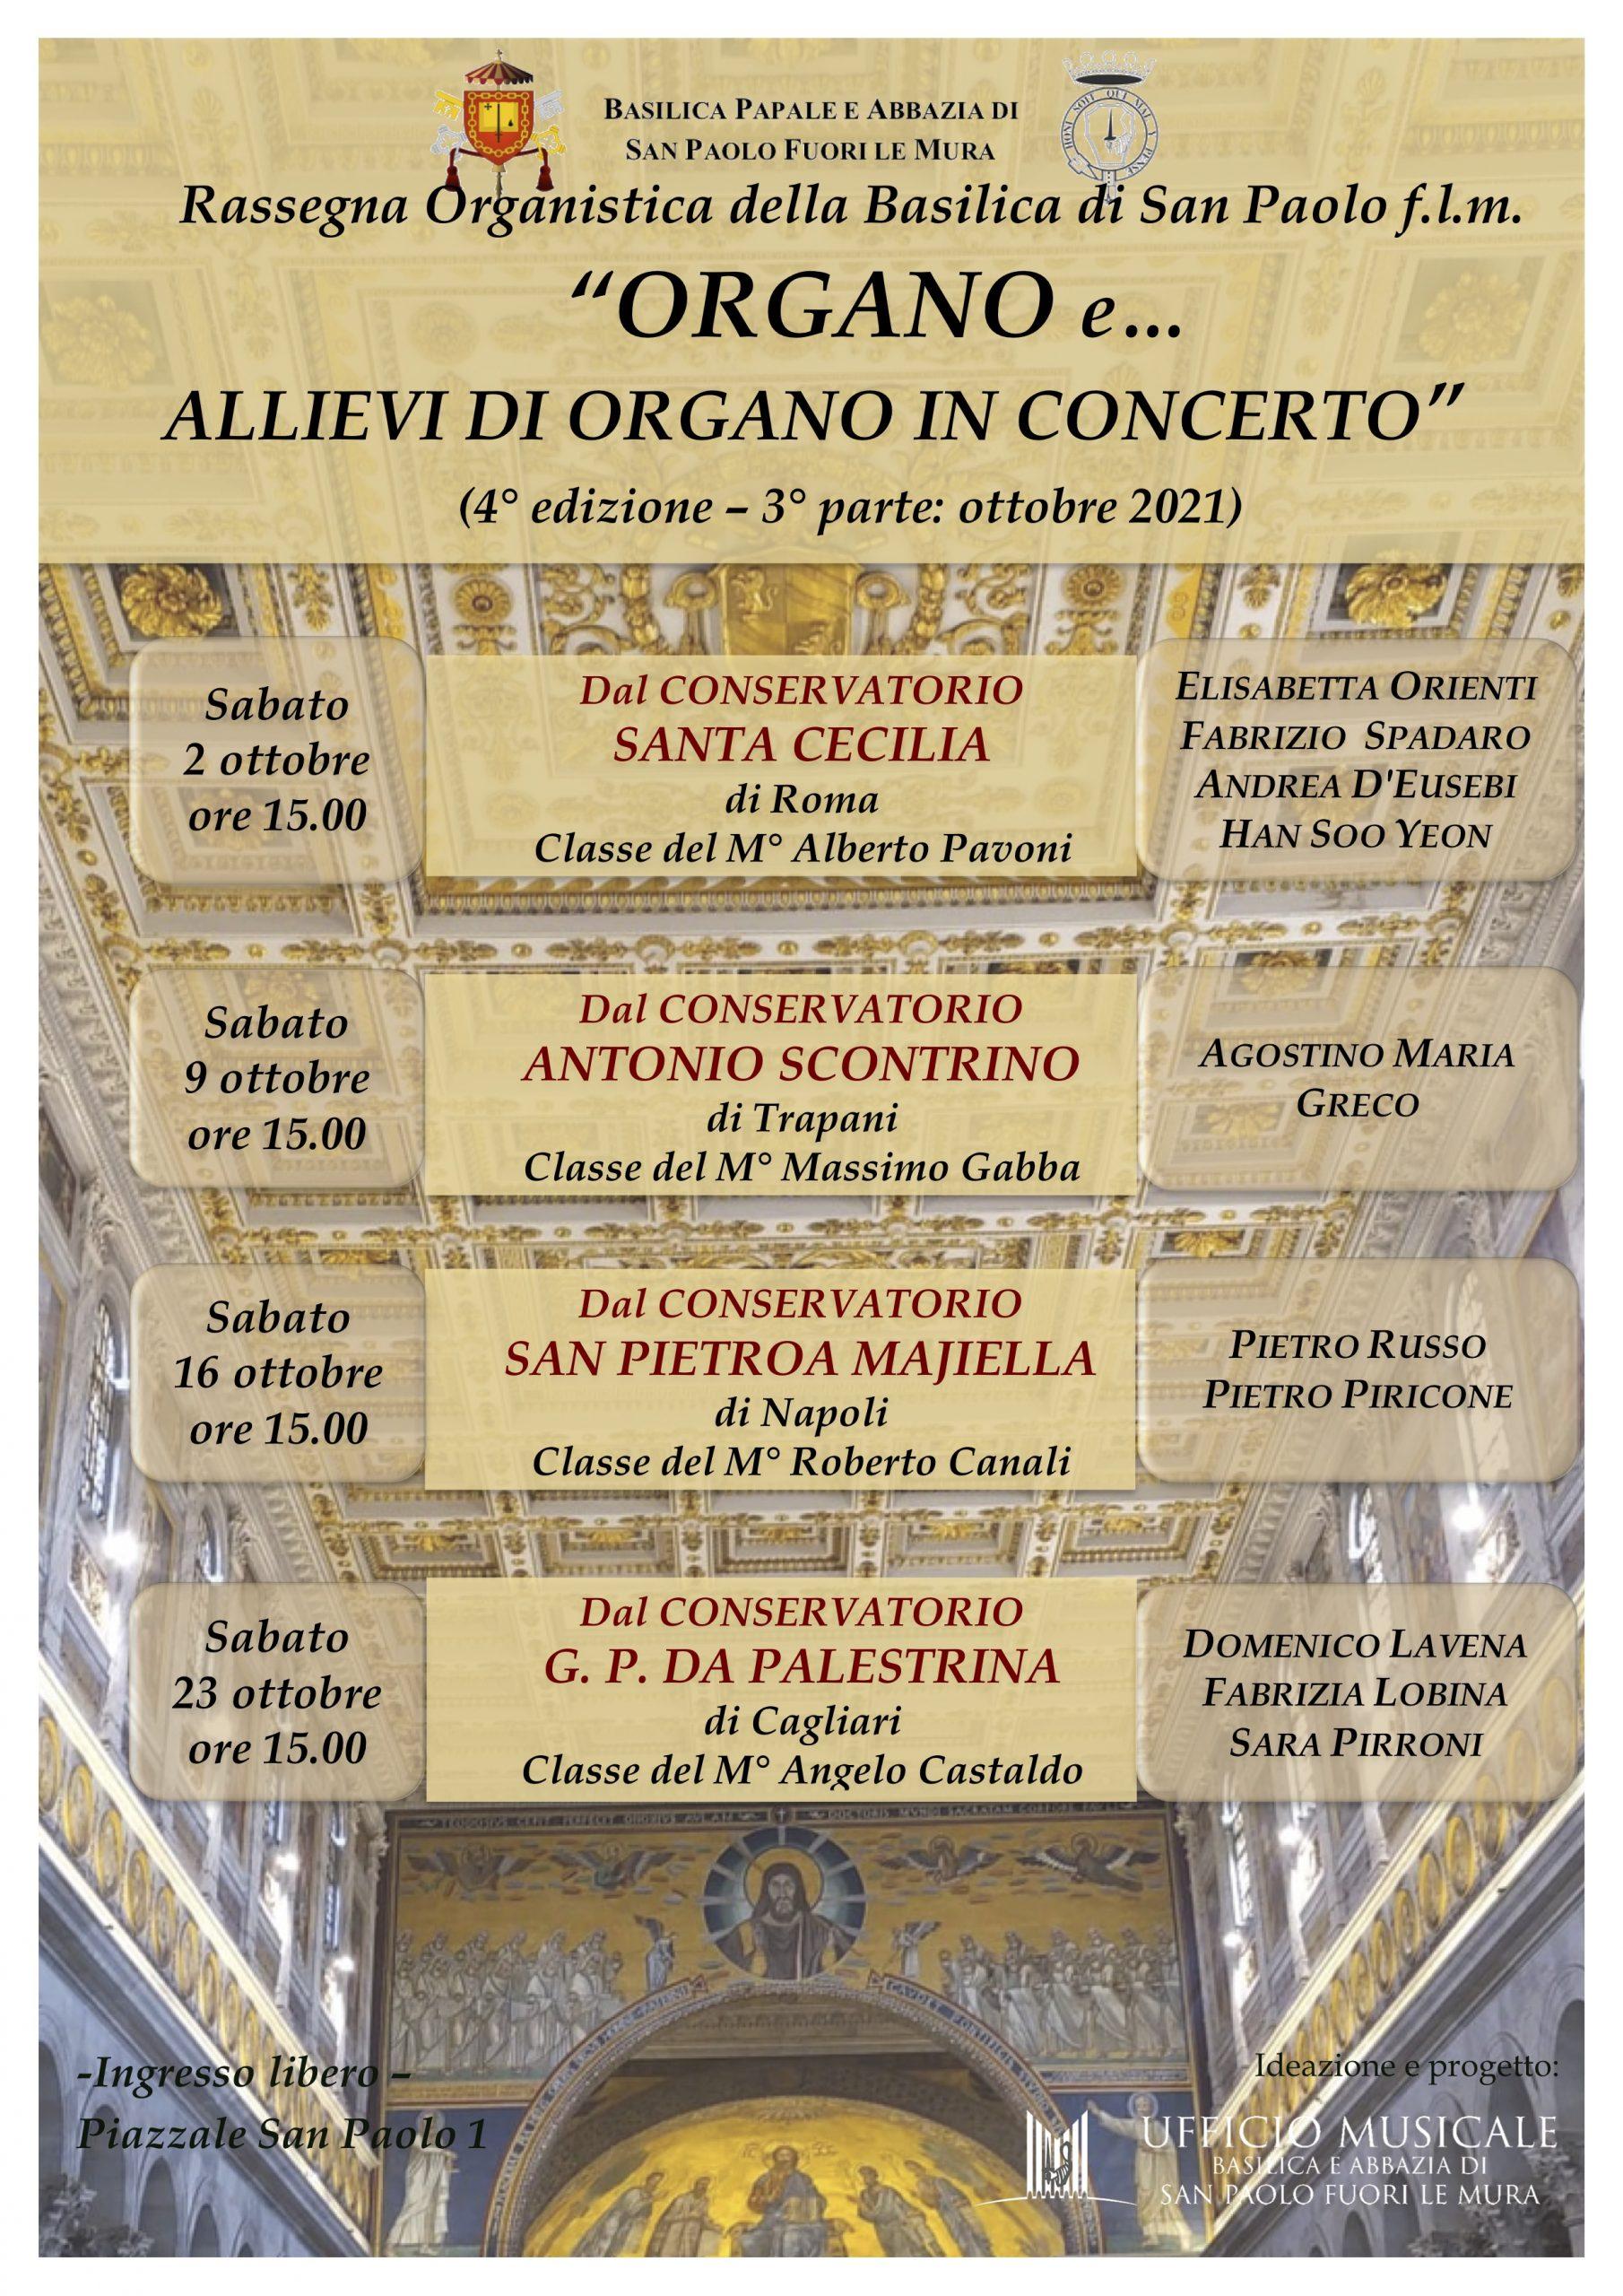 Rassegna Organo e… 2021 parte 3 allievi in concerto